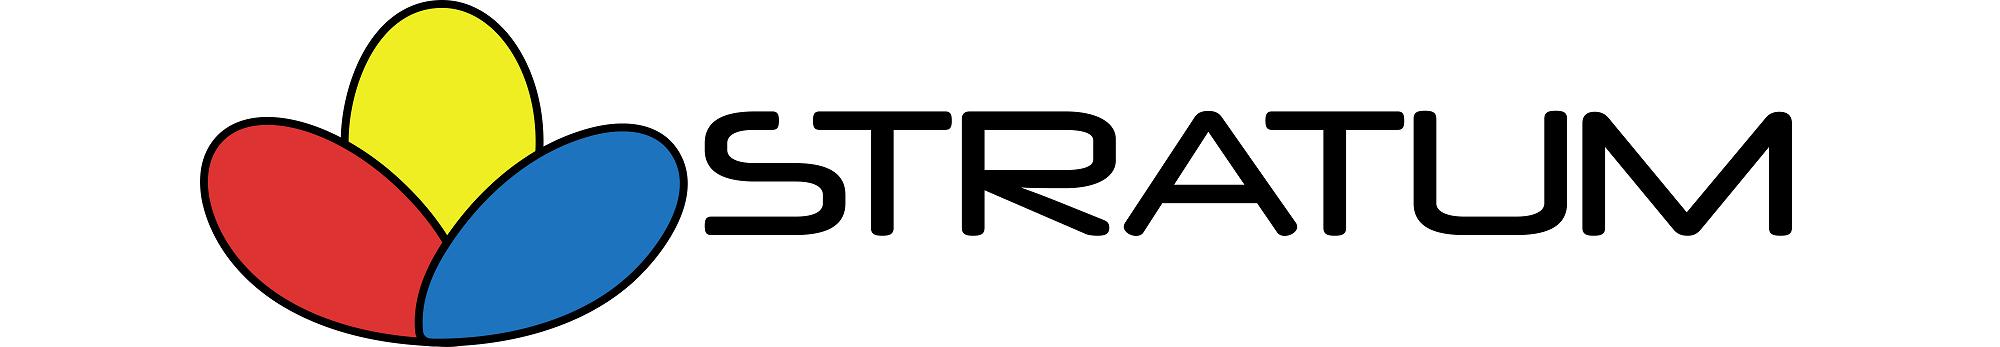 stratum-logo